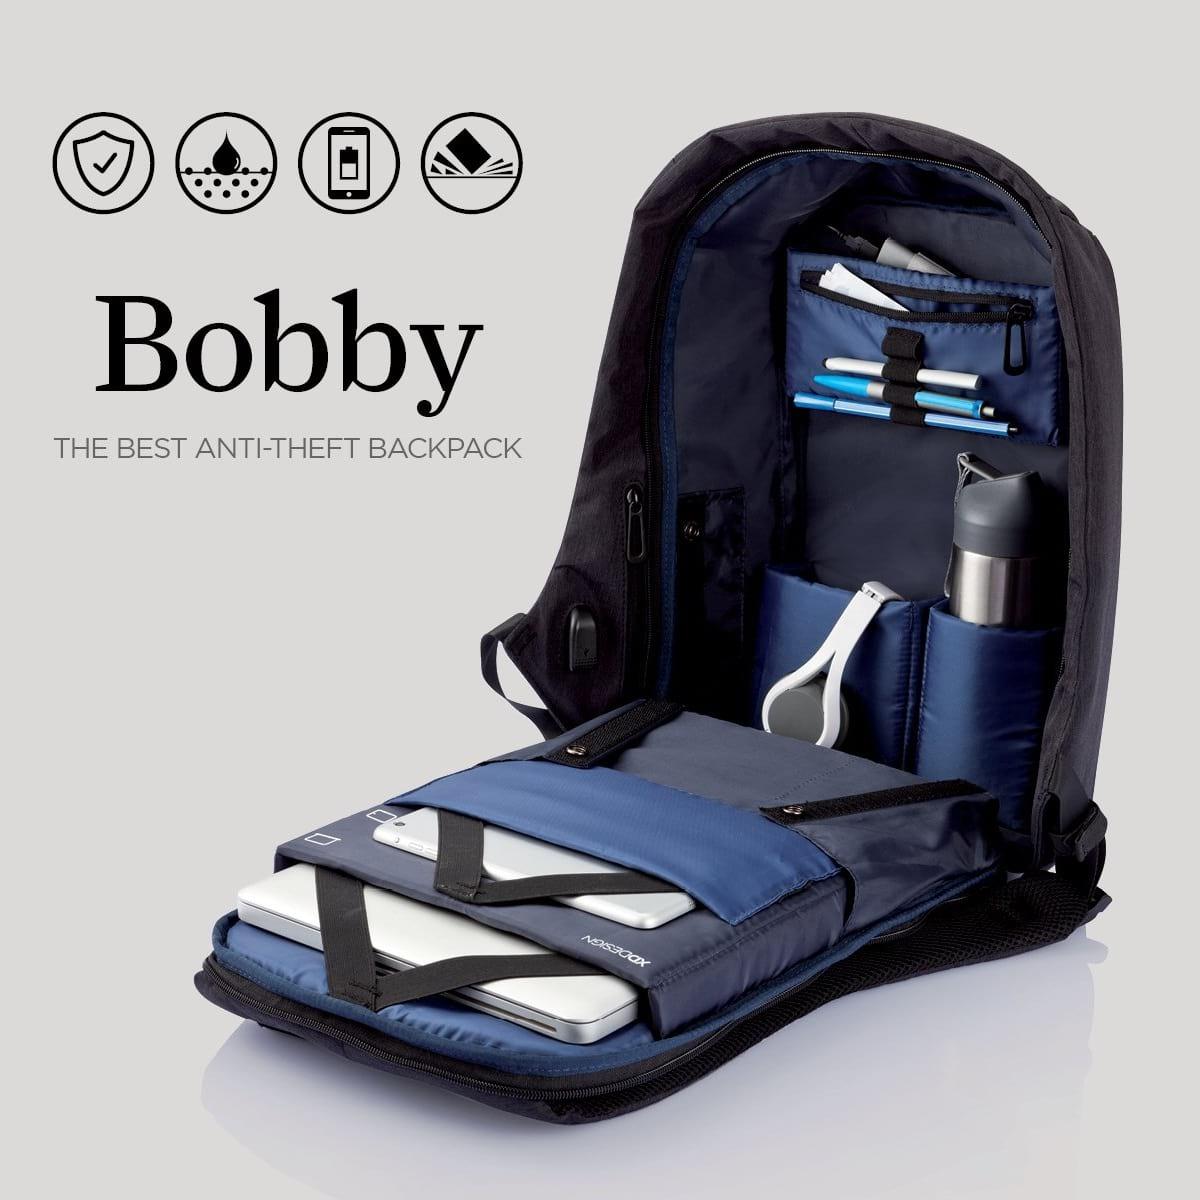 Mochila Antifurto Bobby Usb Notebook Original By Xd Design  - KLIZZ